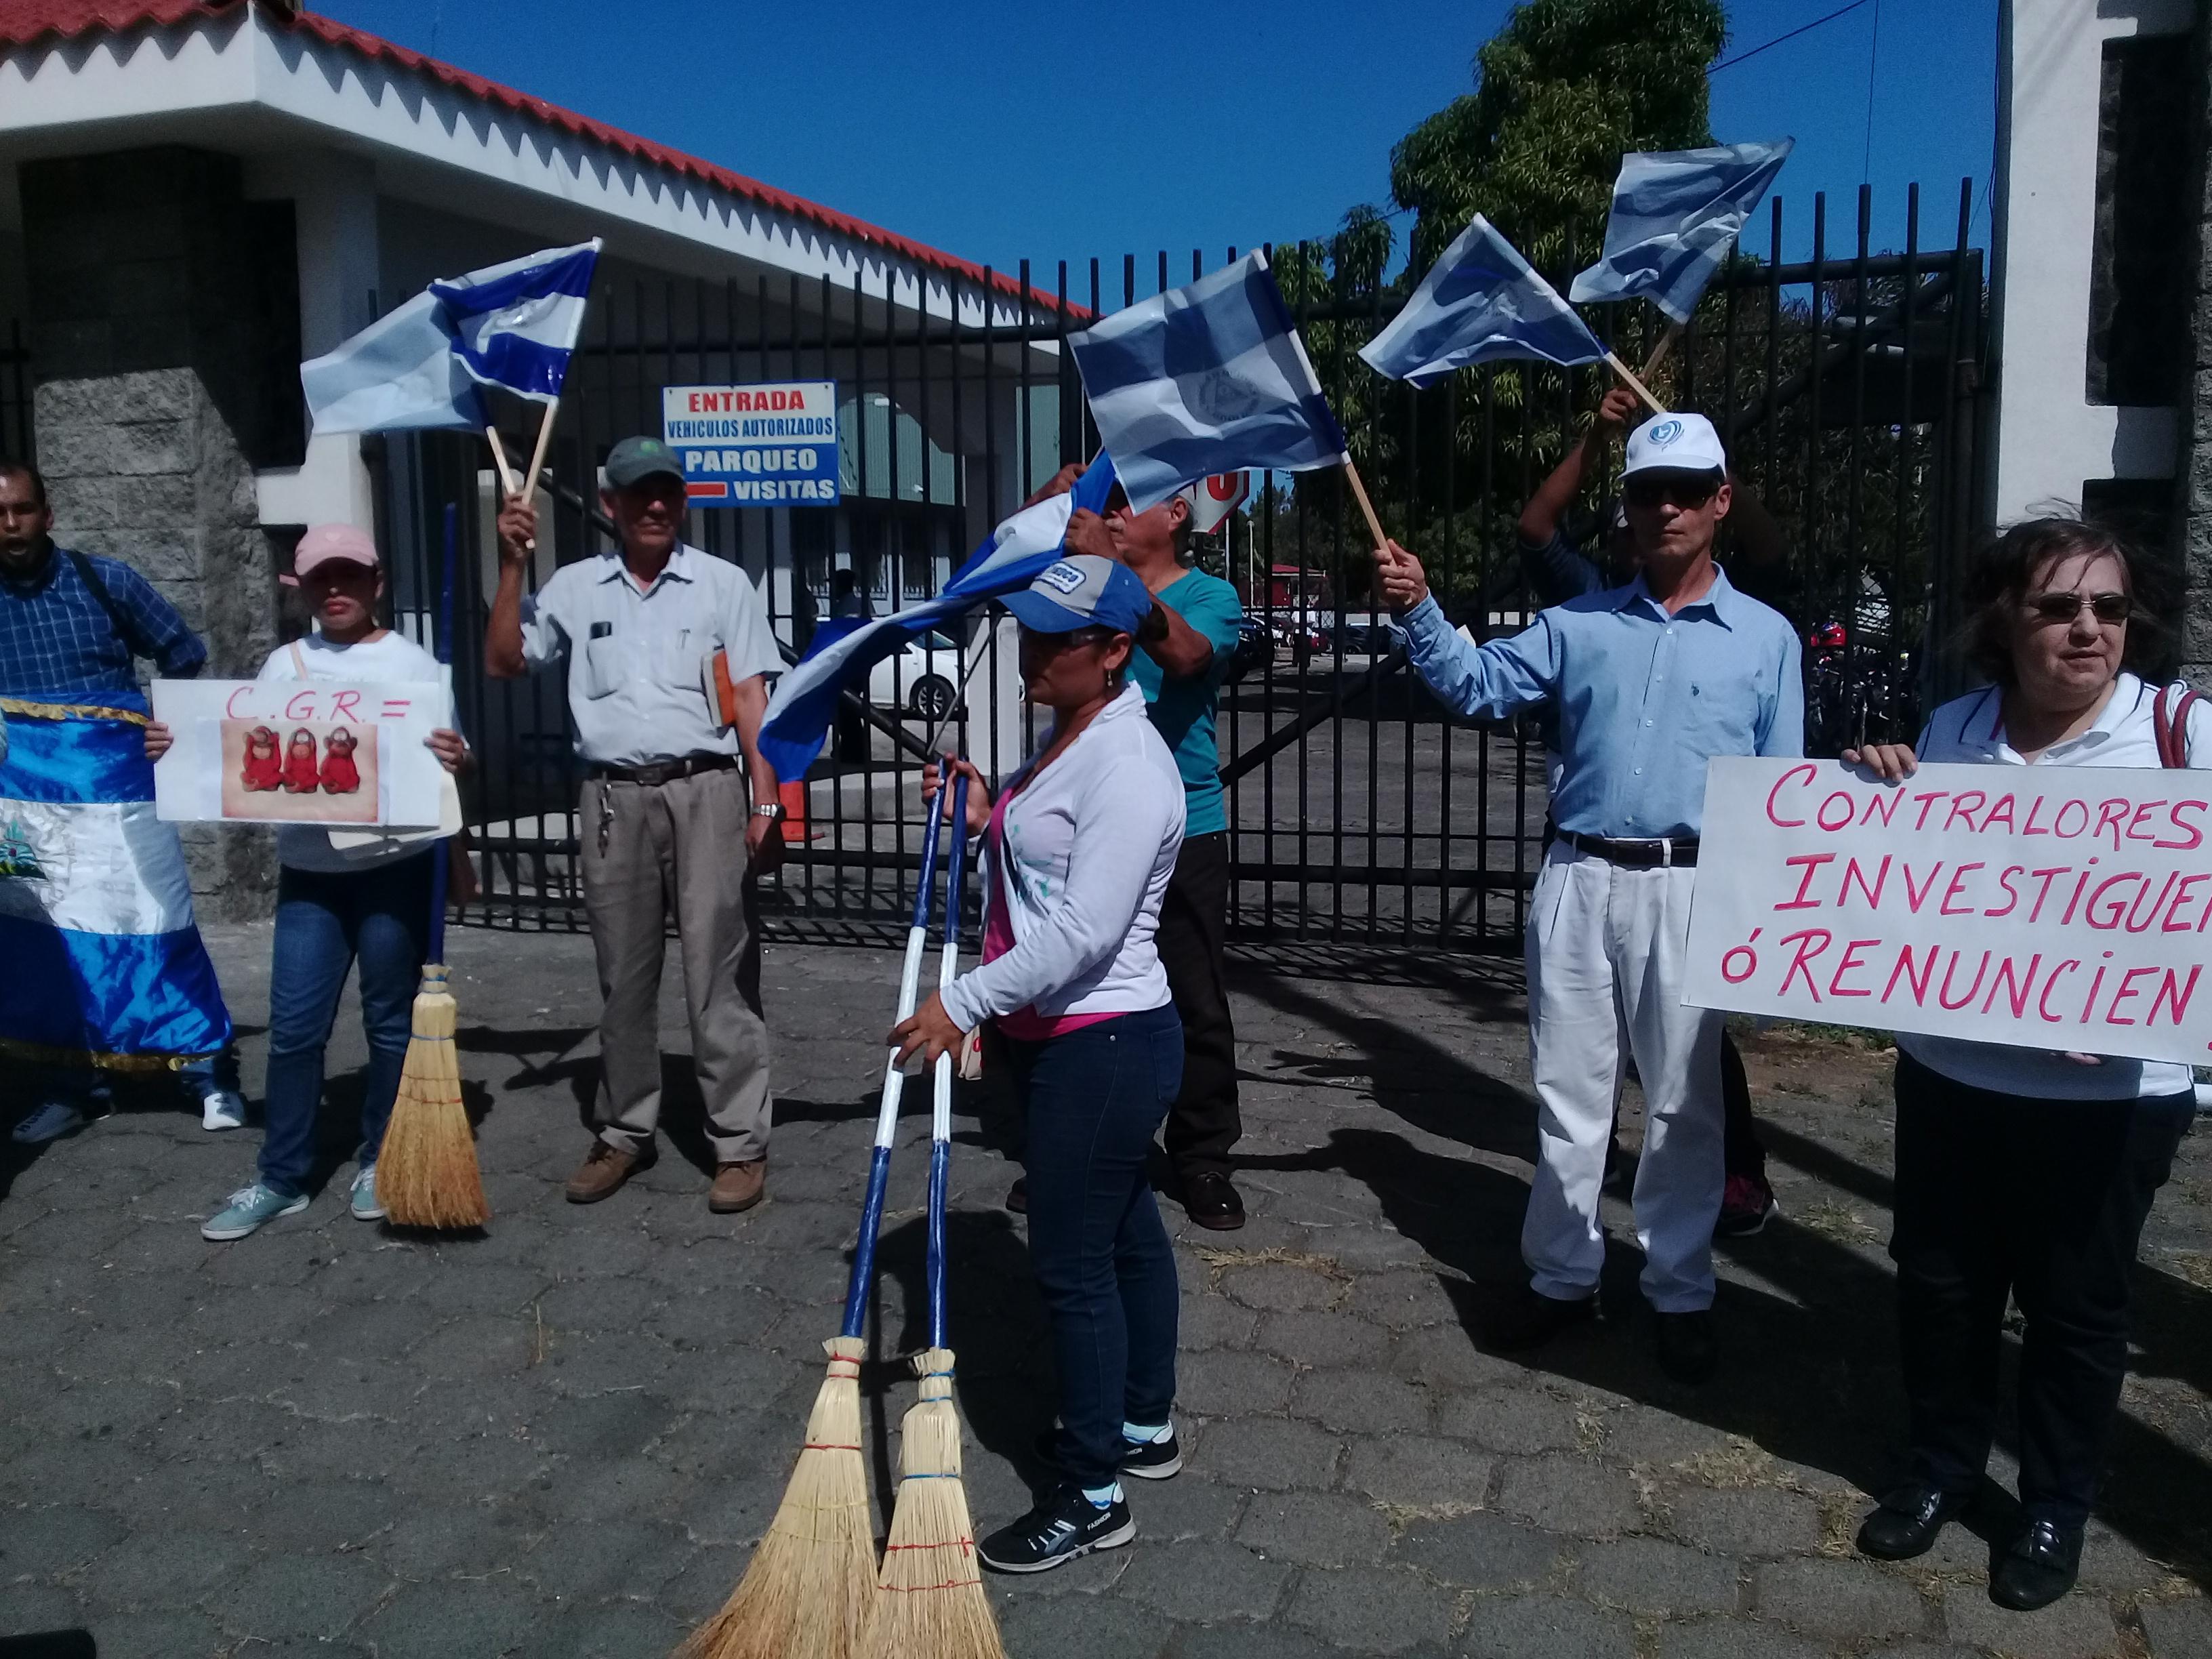 Los manifestantes portaban escobas y llamaban a barrer la corrupción. Fotografía: Artículo66/Abixael MG